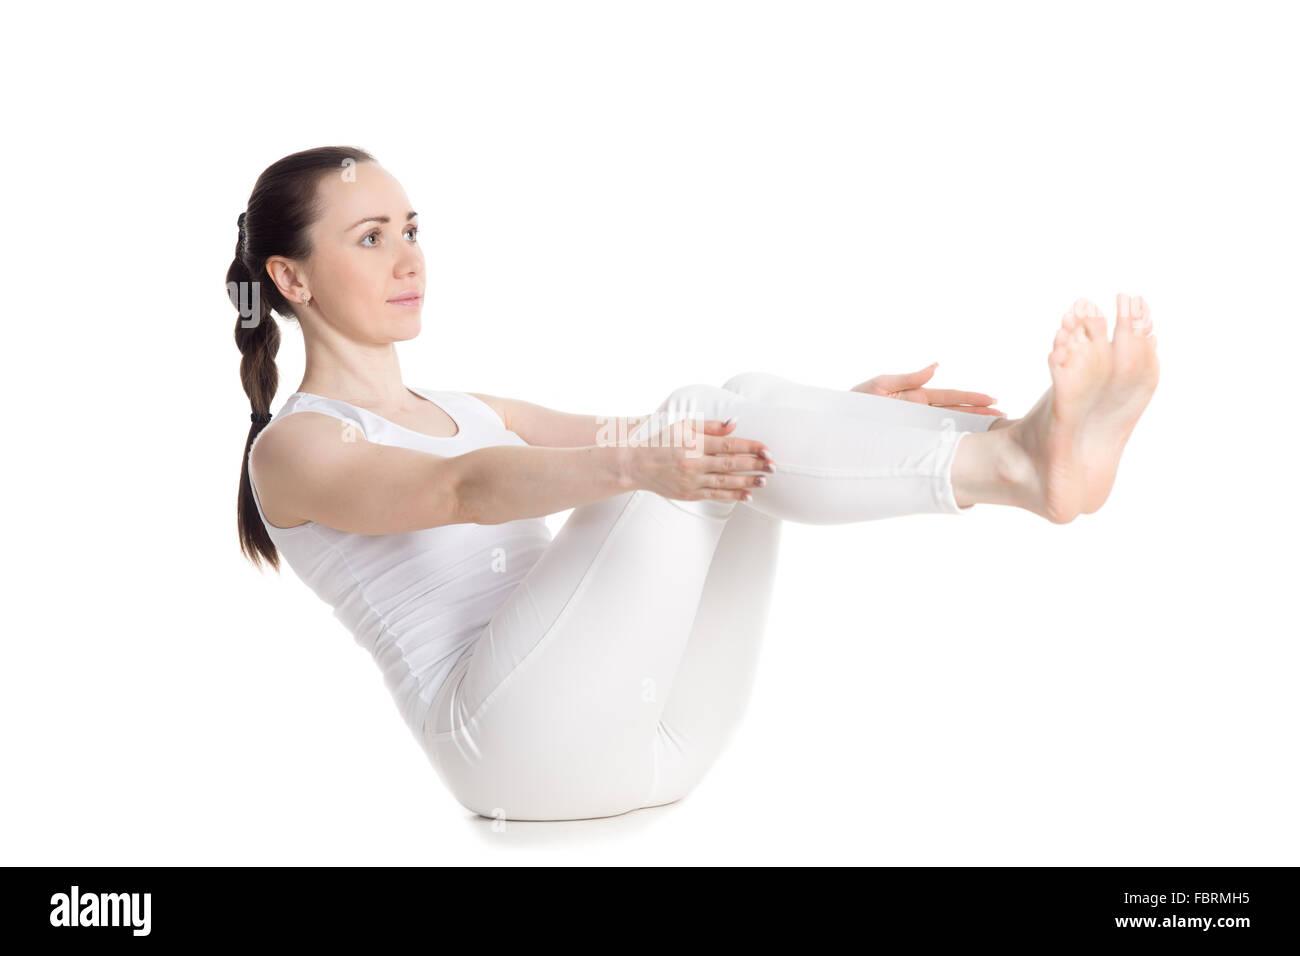 Sportlich Schöne Junge Frau In Weißen Sportbekleidung übungen Für